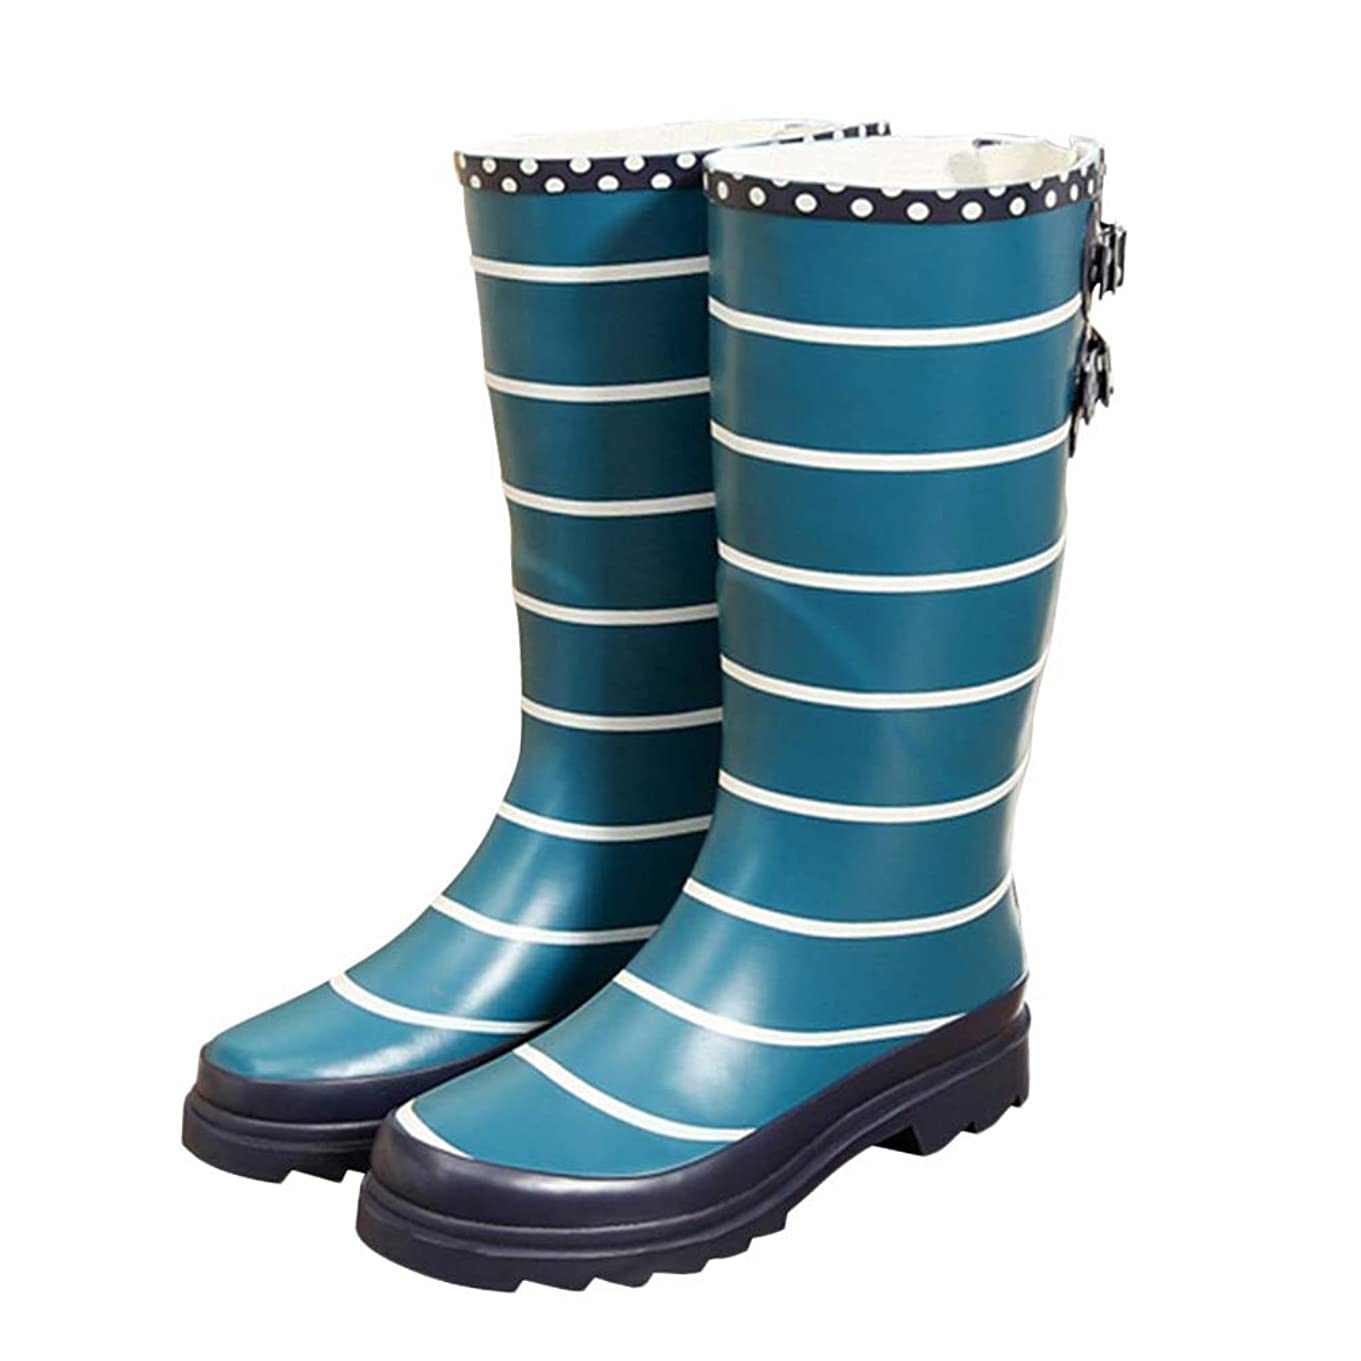 ヒゲクジラ製作立派な[Cozy Maker] C&M レインブーツ レインシューズ レディース シューズ ブーツ 雨靴 雨の日 梅雨 可愛い 雨対策 防水 撥水 水作業 軽量 おしゃれ 飾りベルト付き